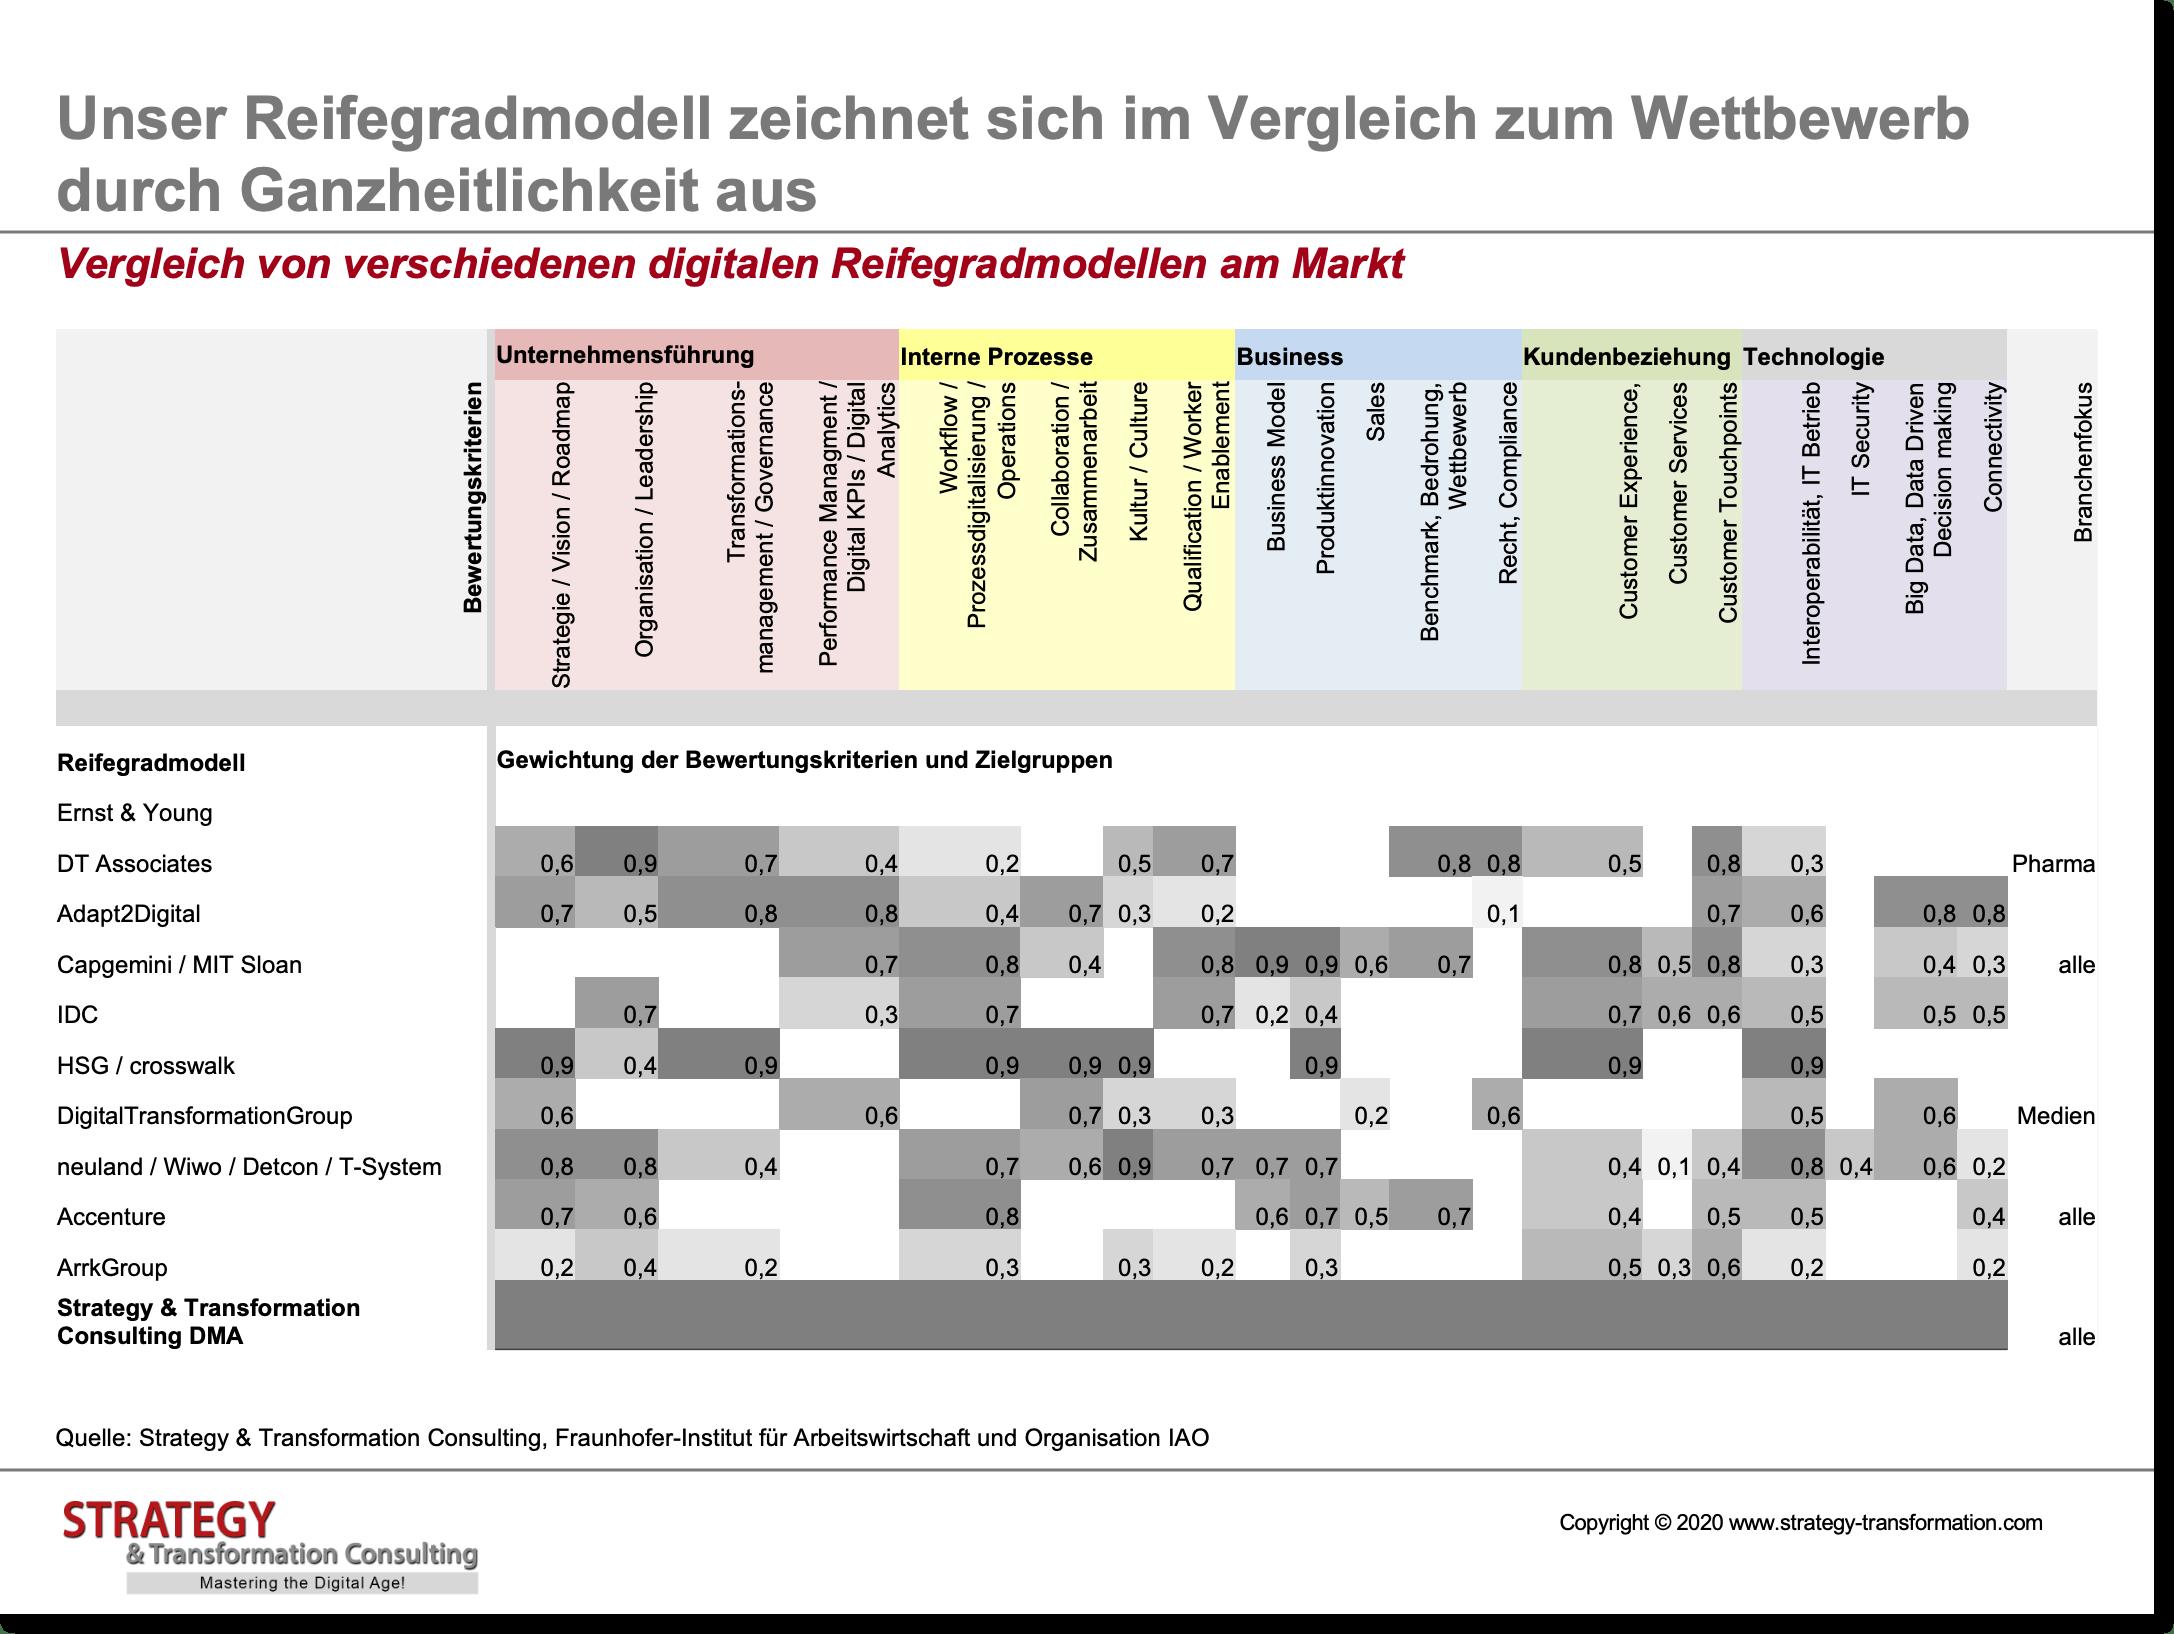 Vergleich von verschiedenen digitalen Reifegradmodellen am Markt